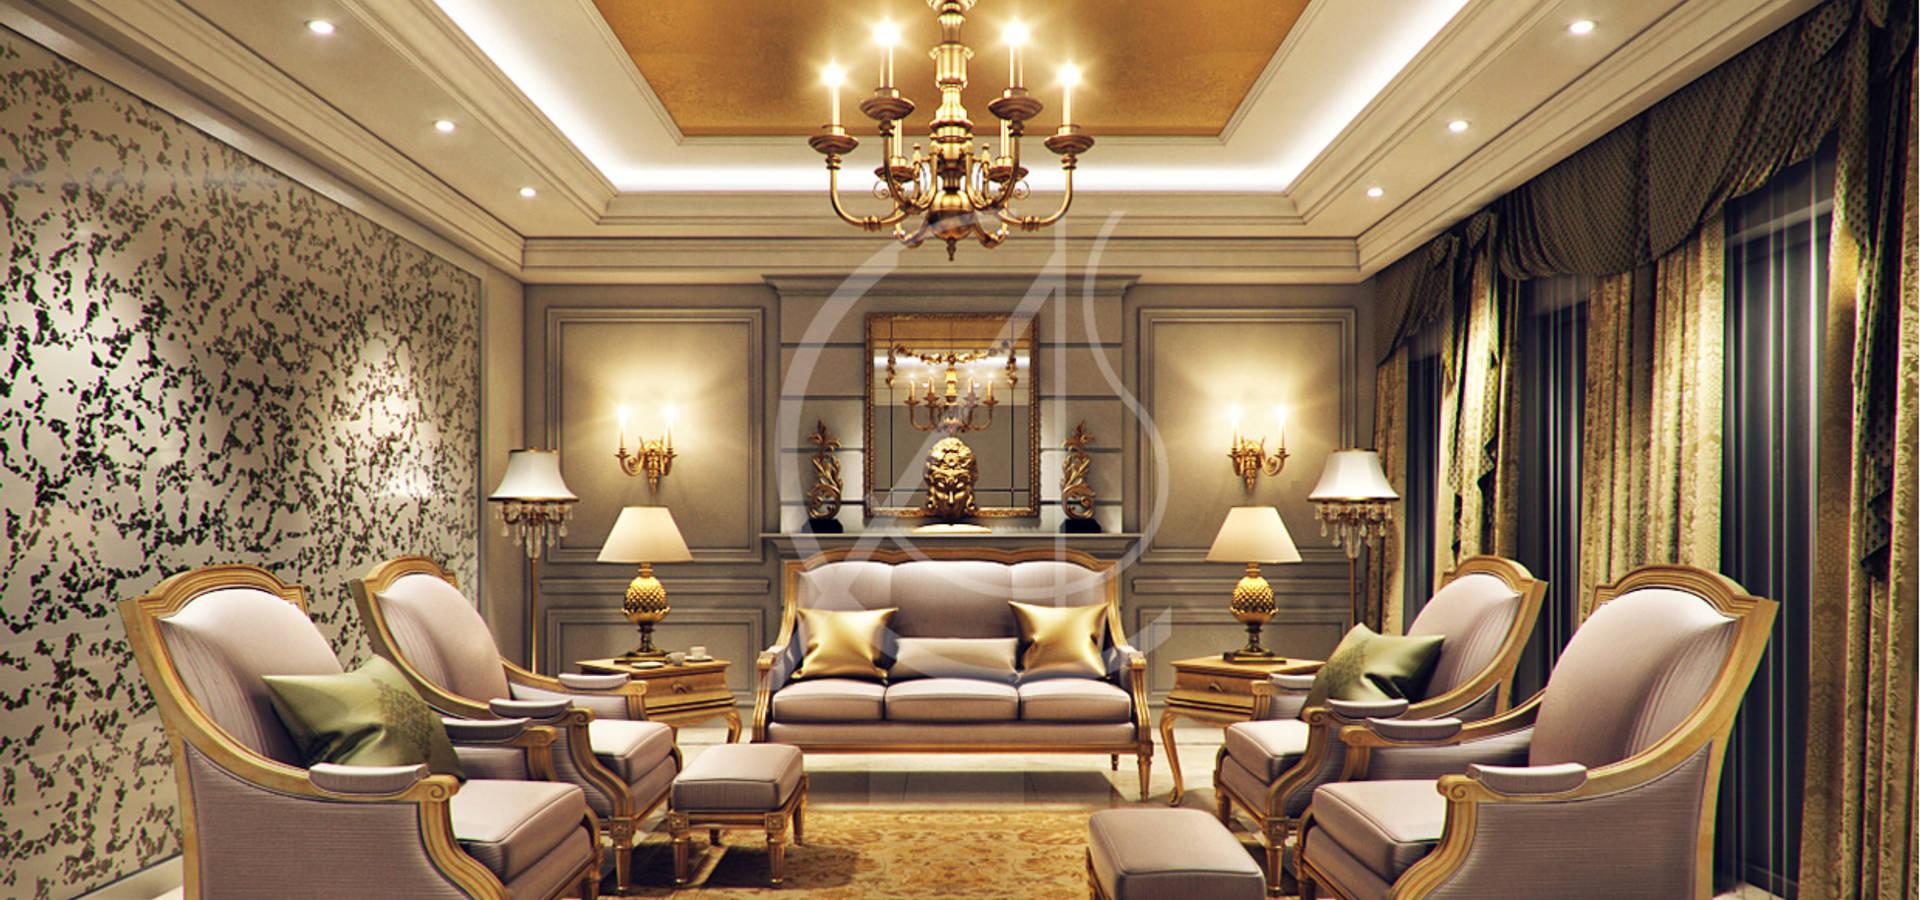 Comelite Architecture, Structure and Interior Design